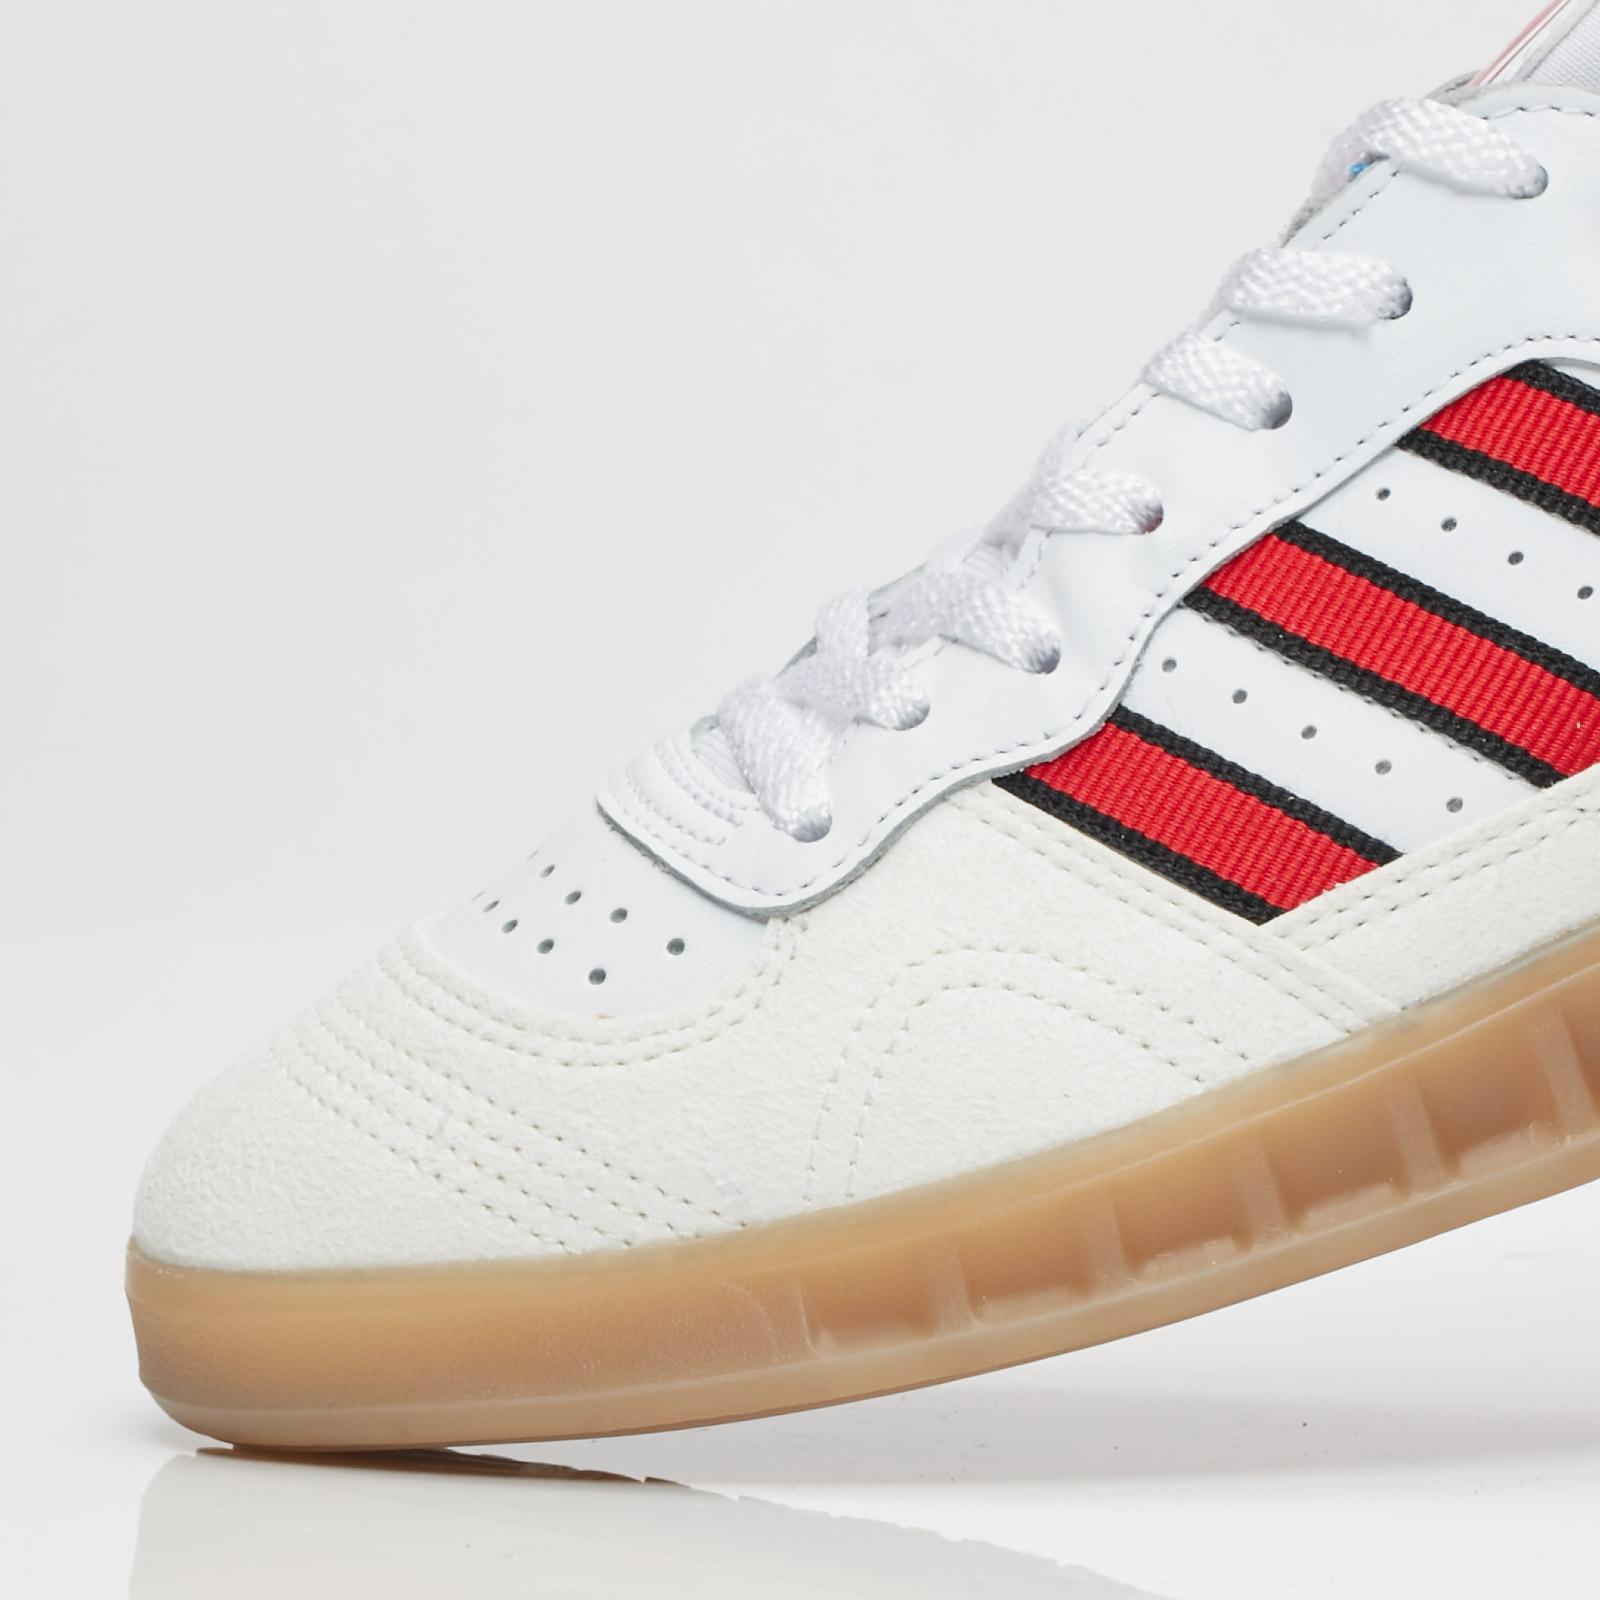 adidas Handball Top By9535 Sneakersnstuff | sneakers